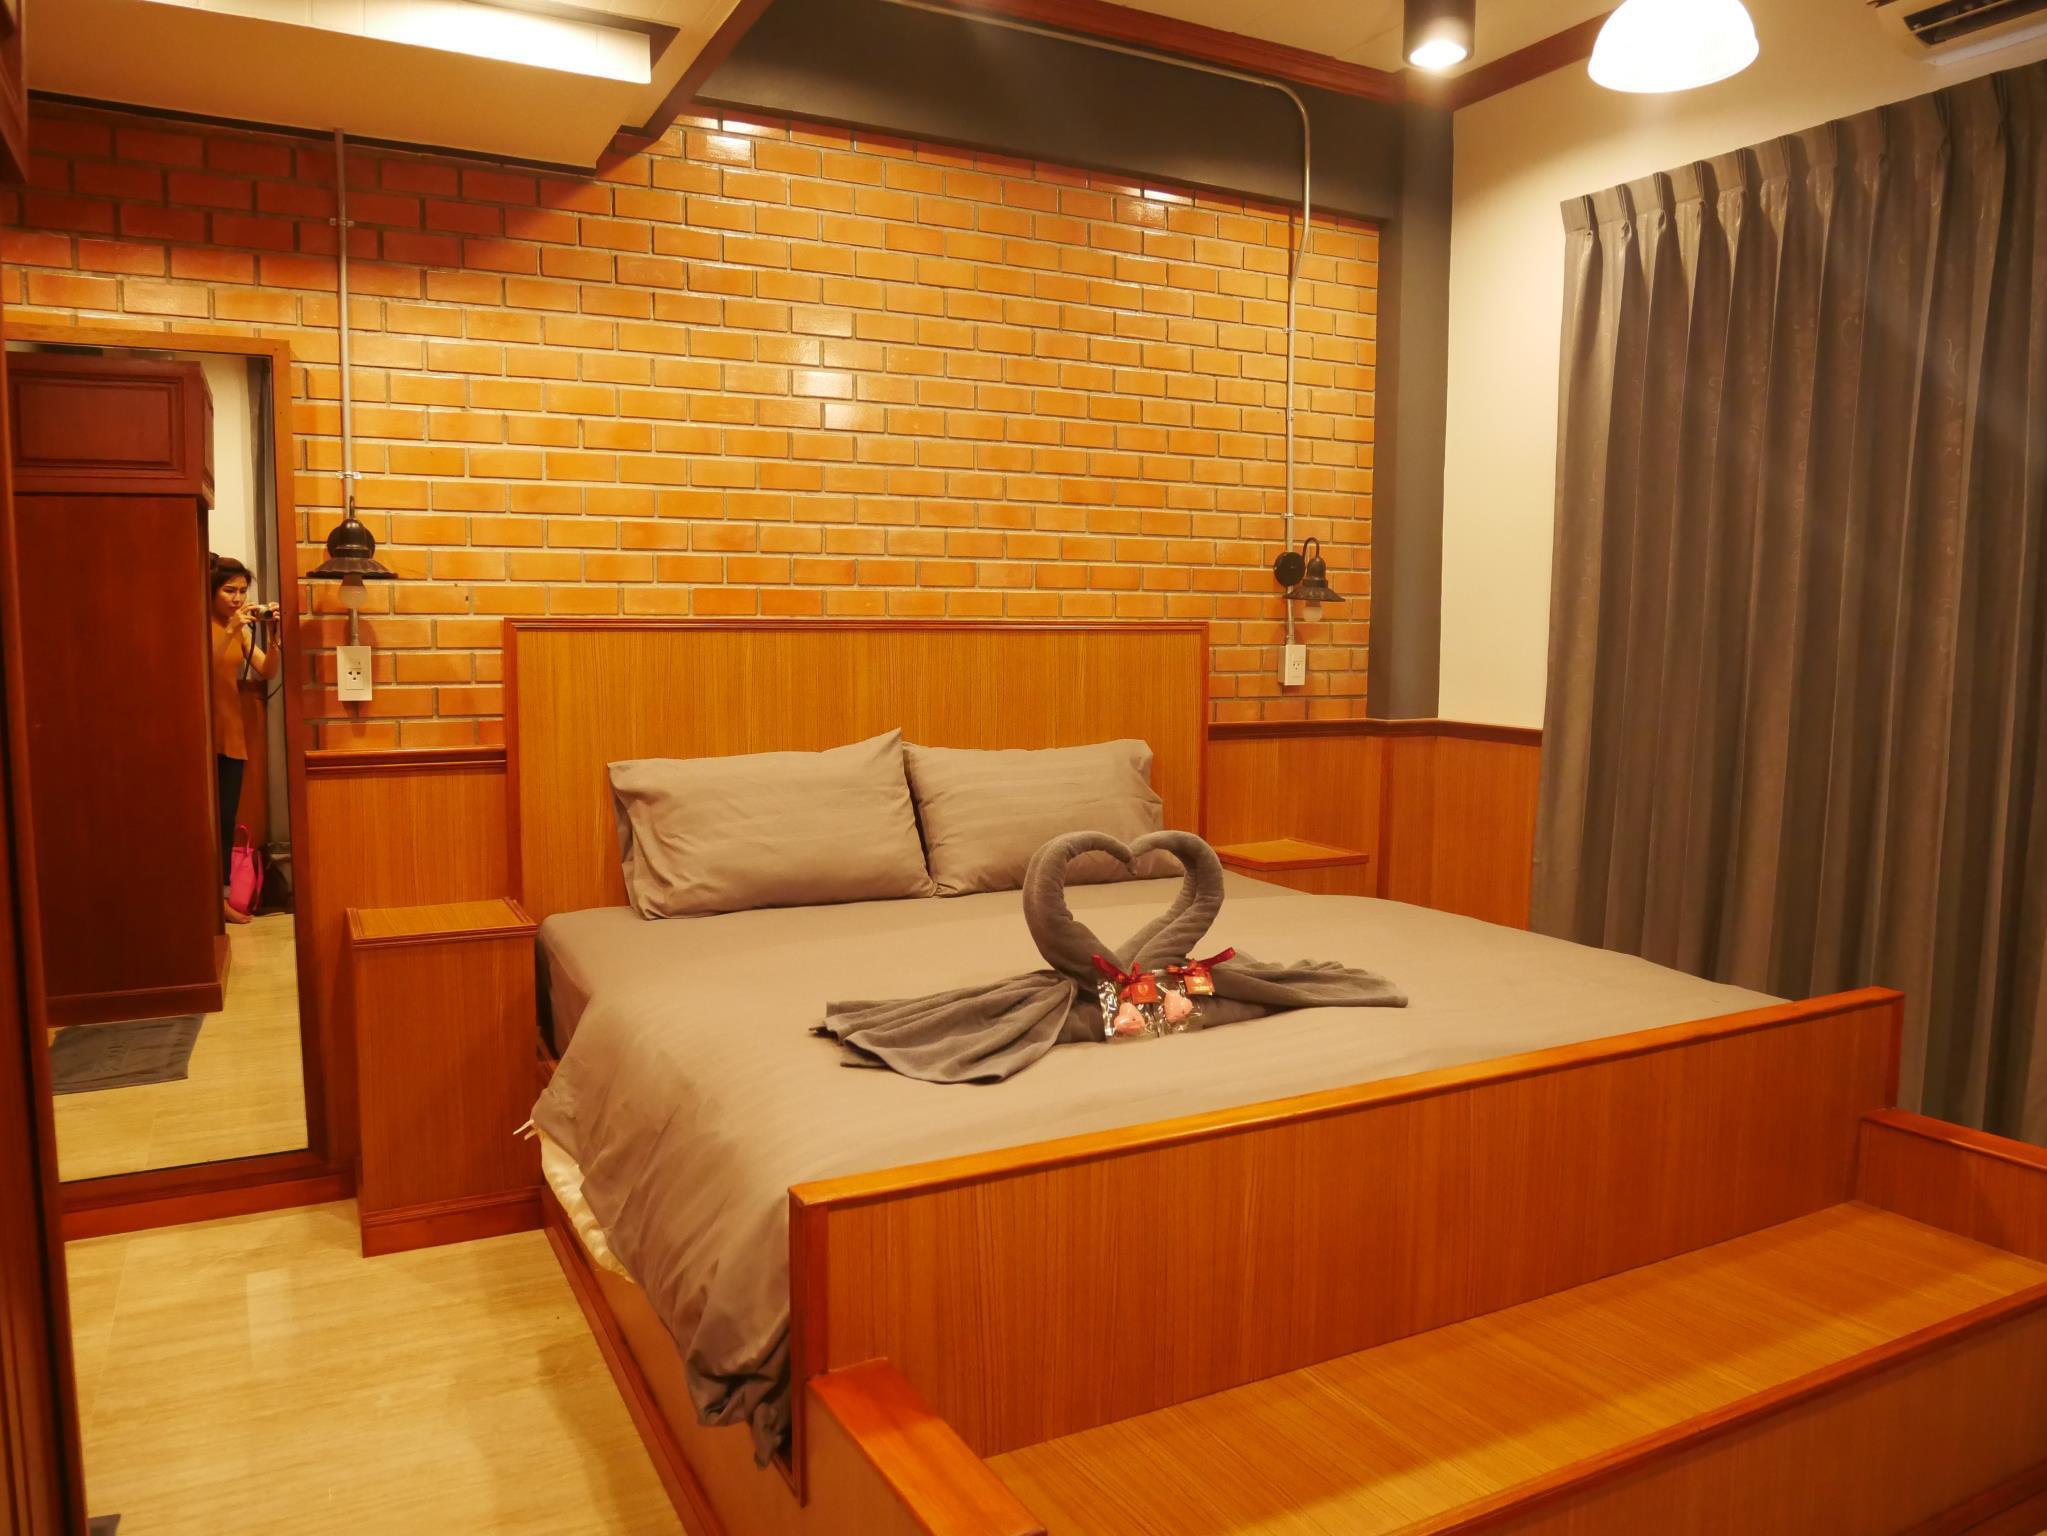 อพาร์ตเมนต์ 19 ห้องนอน 19 ห้องน้ำส่วนตัว ขนาด 15 ตร.ม. – เพชรบุรี